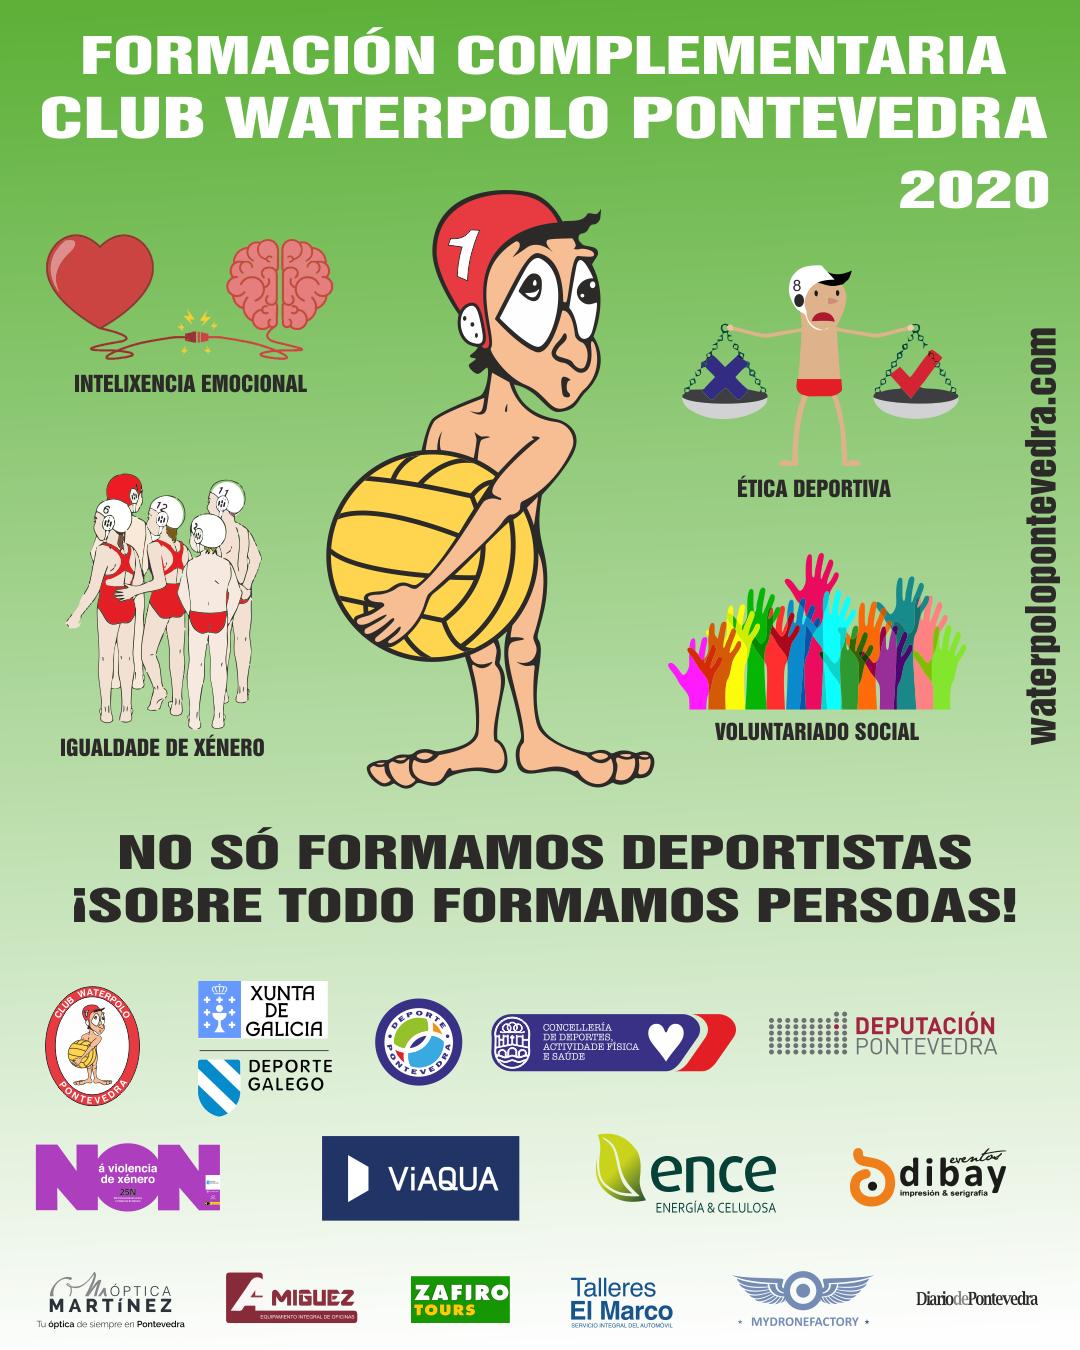 O CW Pontevedra volve a poñer en marcha o seu programa de formación complementaria / CW PONTEVEDRA